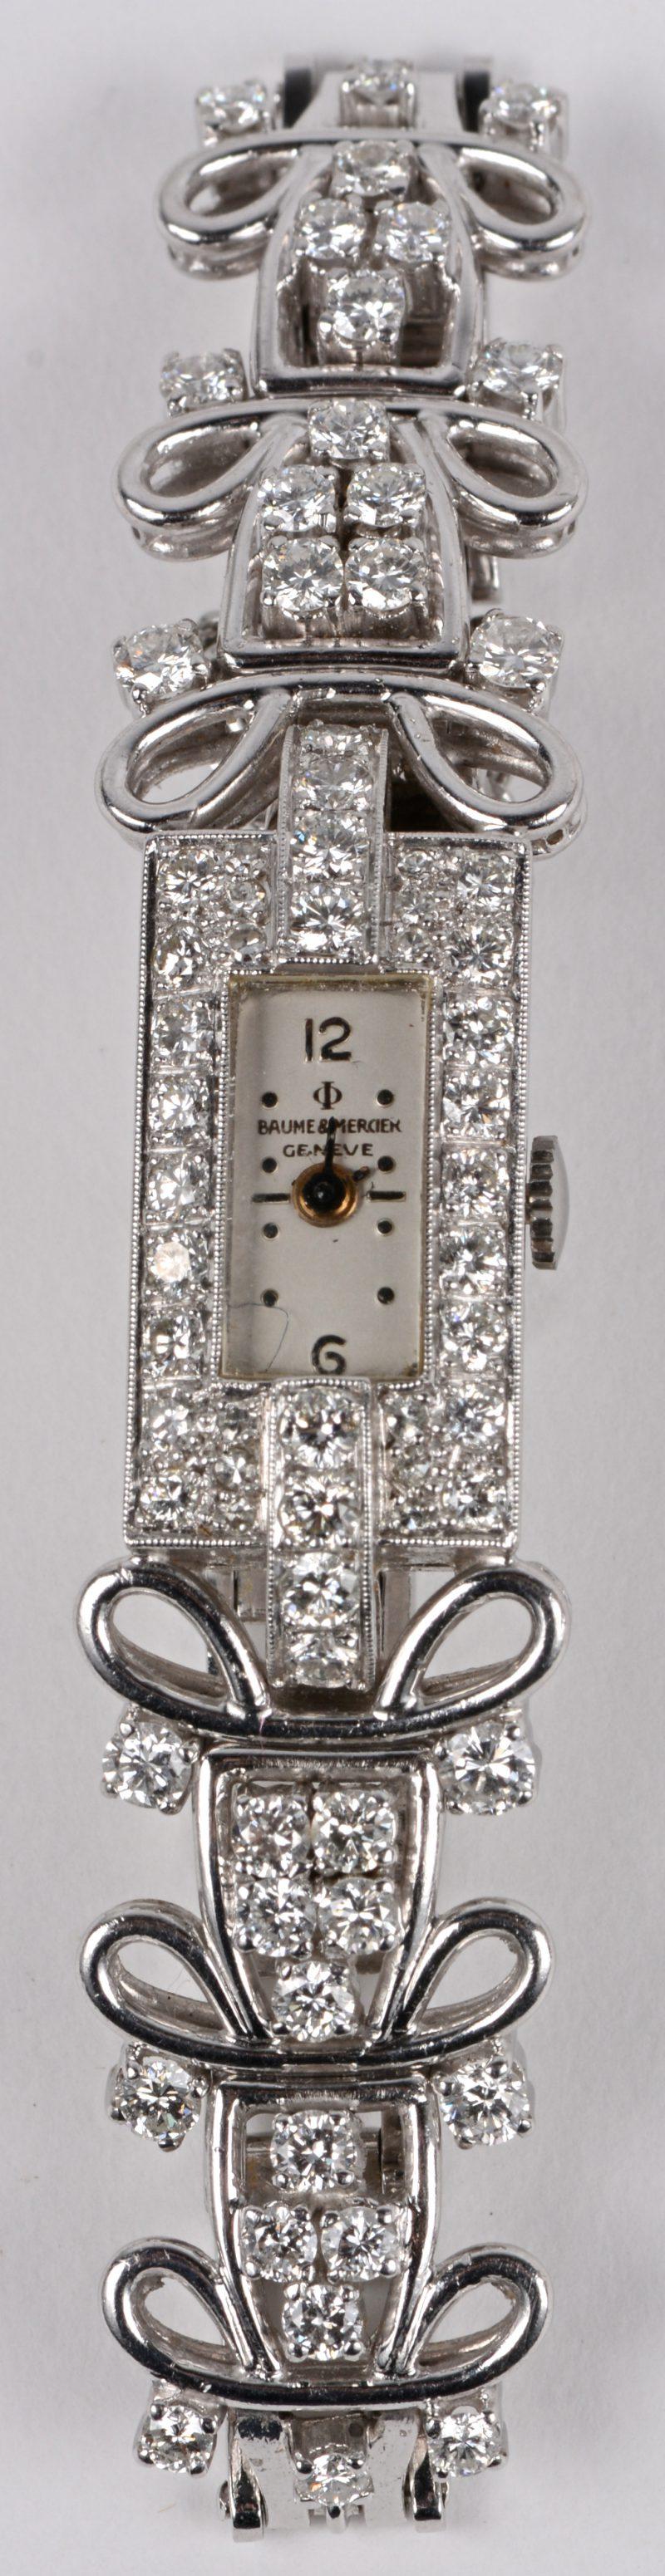 Een art deco platina dameshorloge bezet met briljanten met een gezamenlijk gewicht van ± 2 ct. rond de wijzerplaat en op de armband.